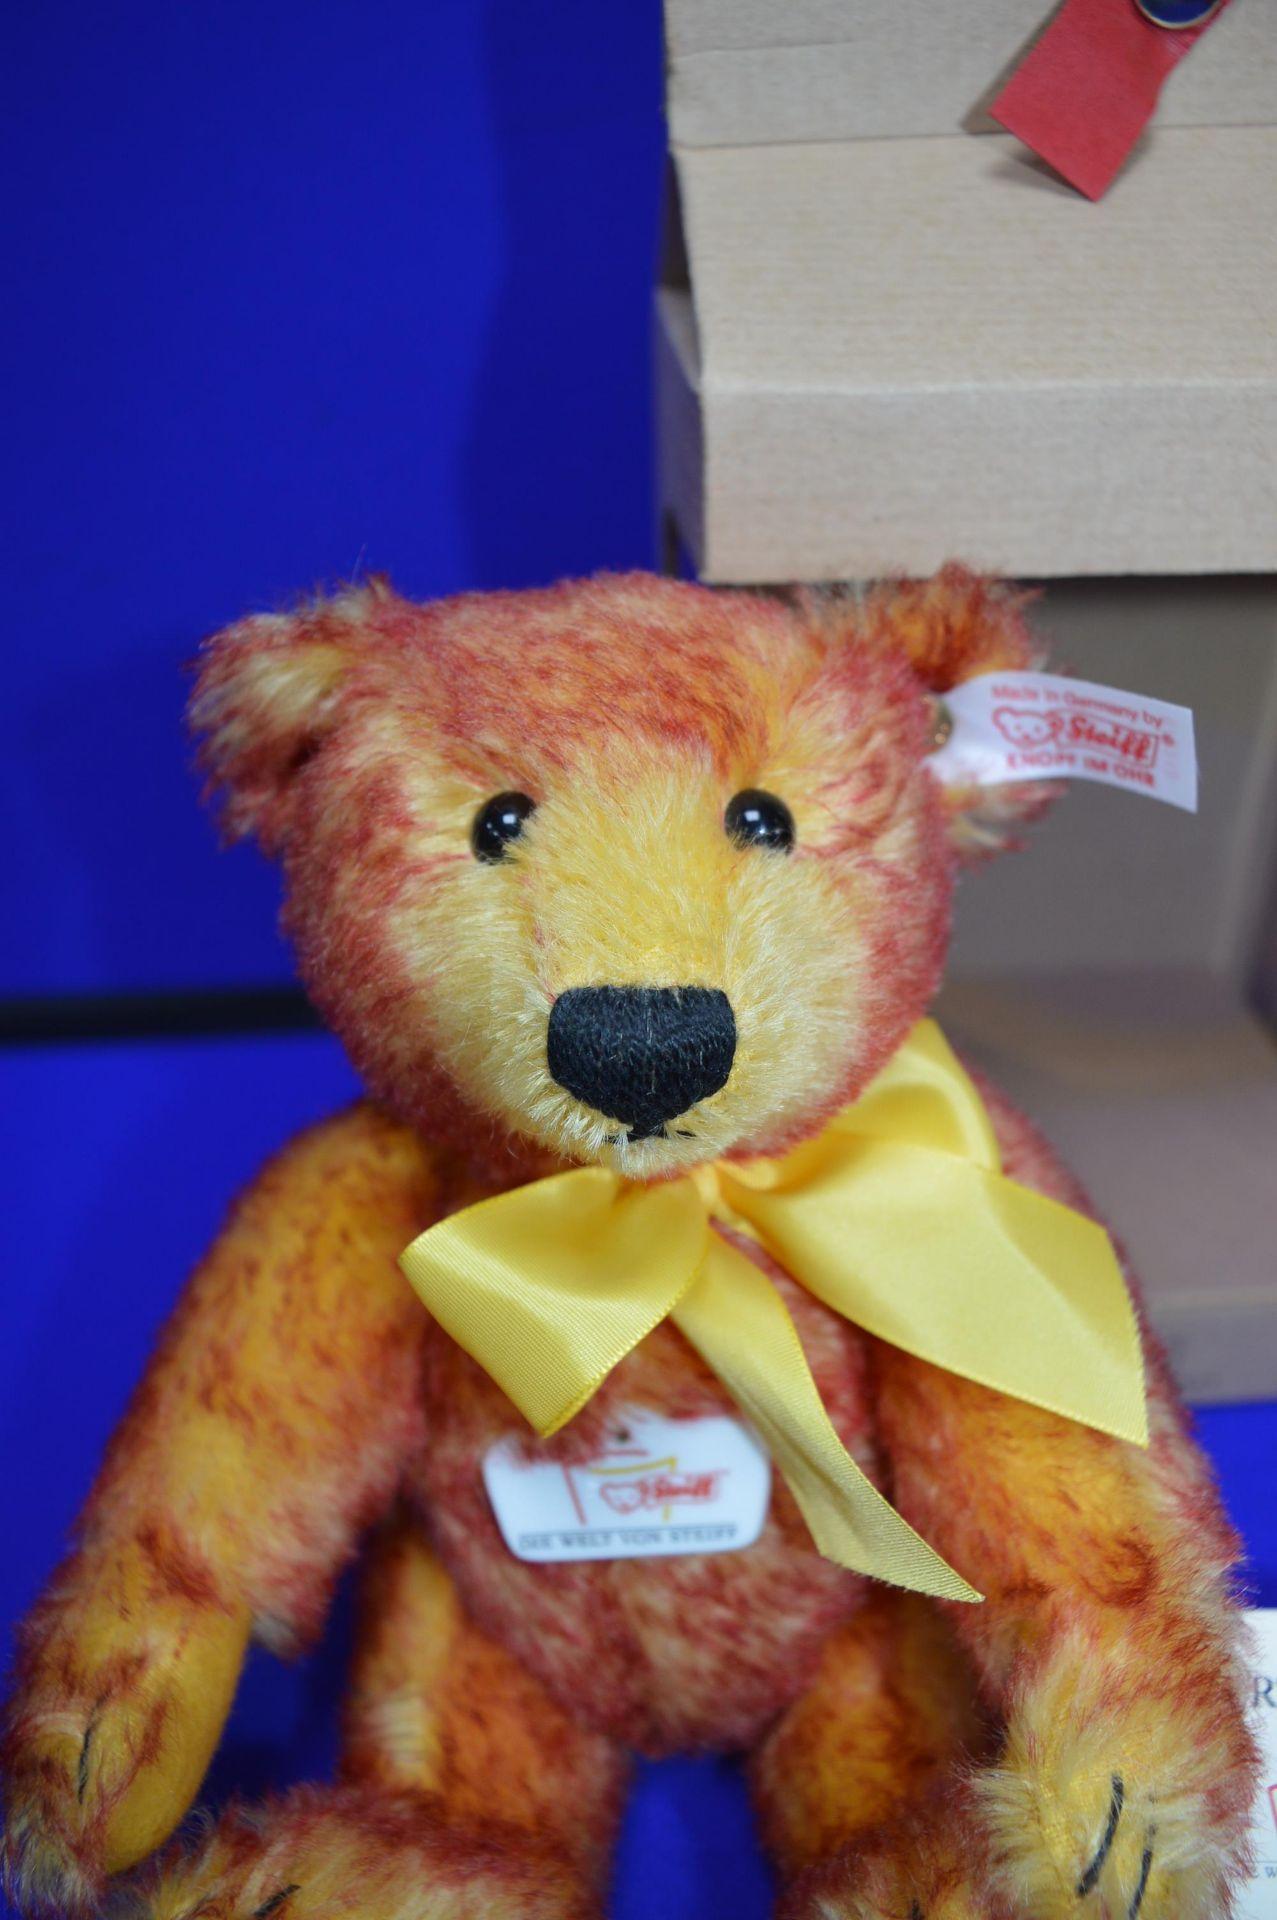 Steiff Celebration Bear (height 24cm) - Image 2 of 4